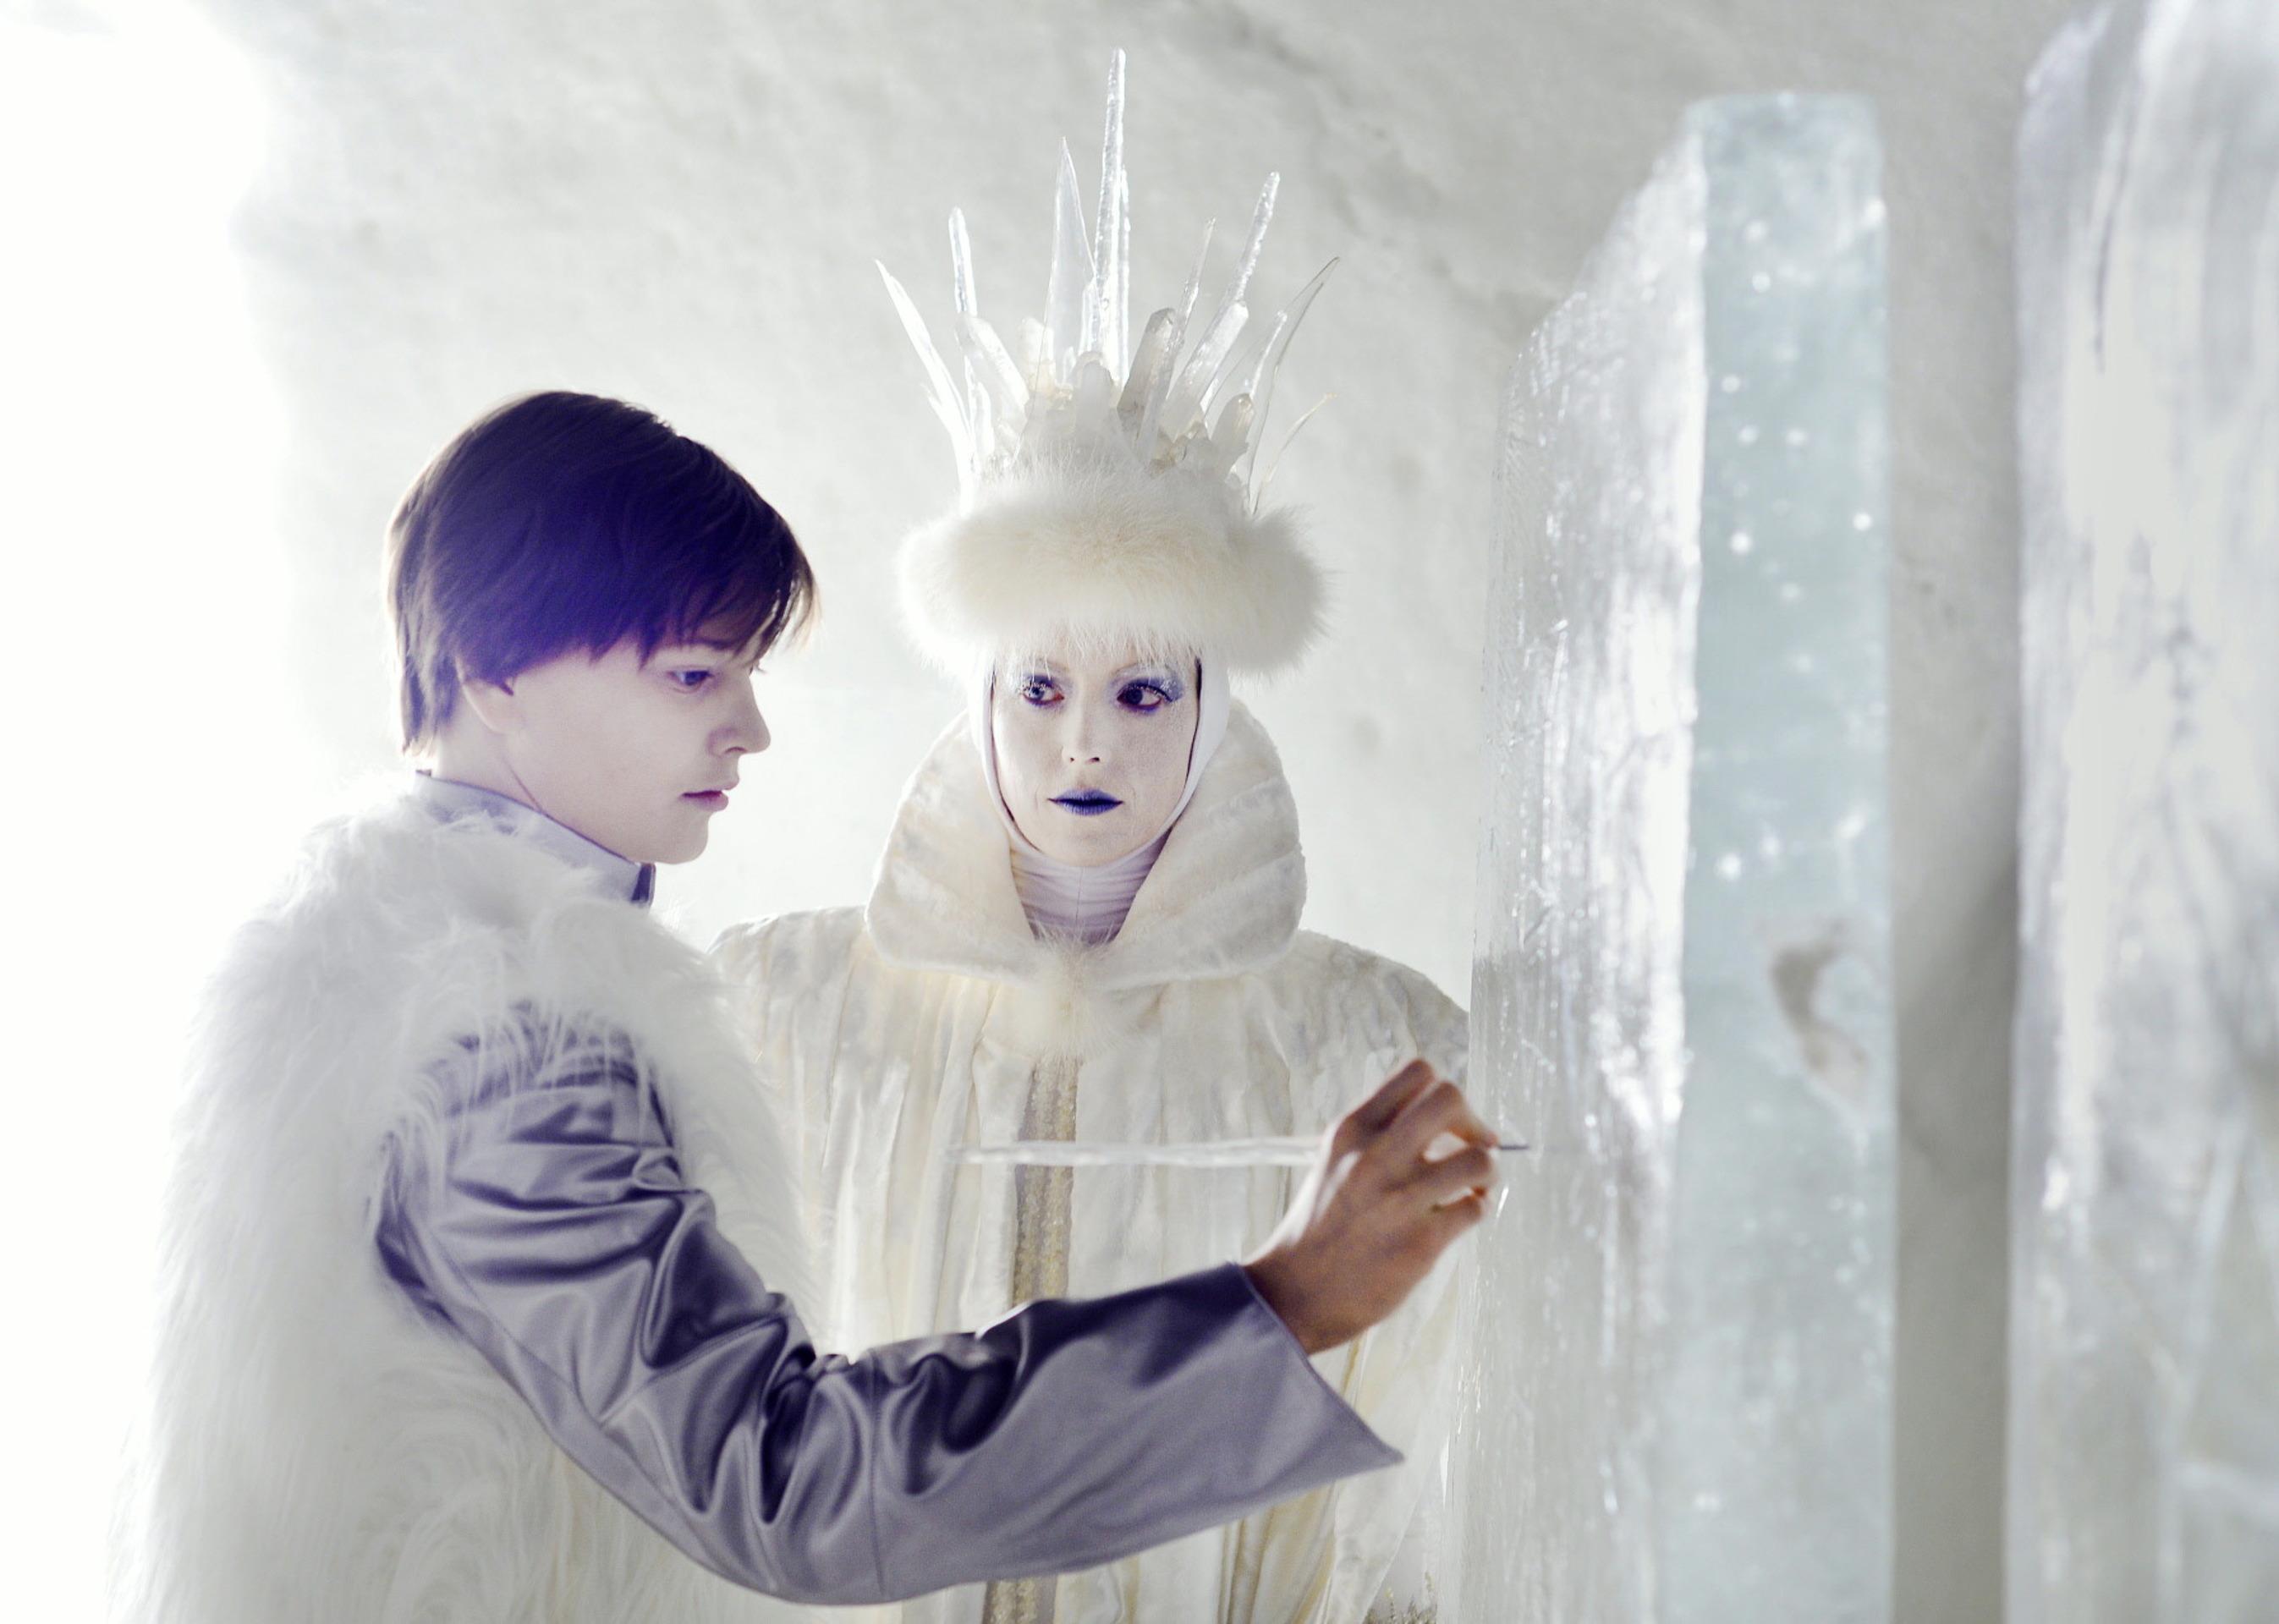 Verstandes-Aufgabe: Kay (Kristo Ferkic) im Eispalast der Schneekönigin (Linda Zilliacus) / © ZDF/Anniina Nissinen